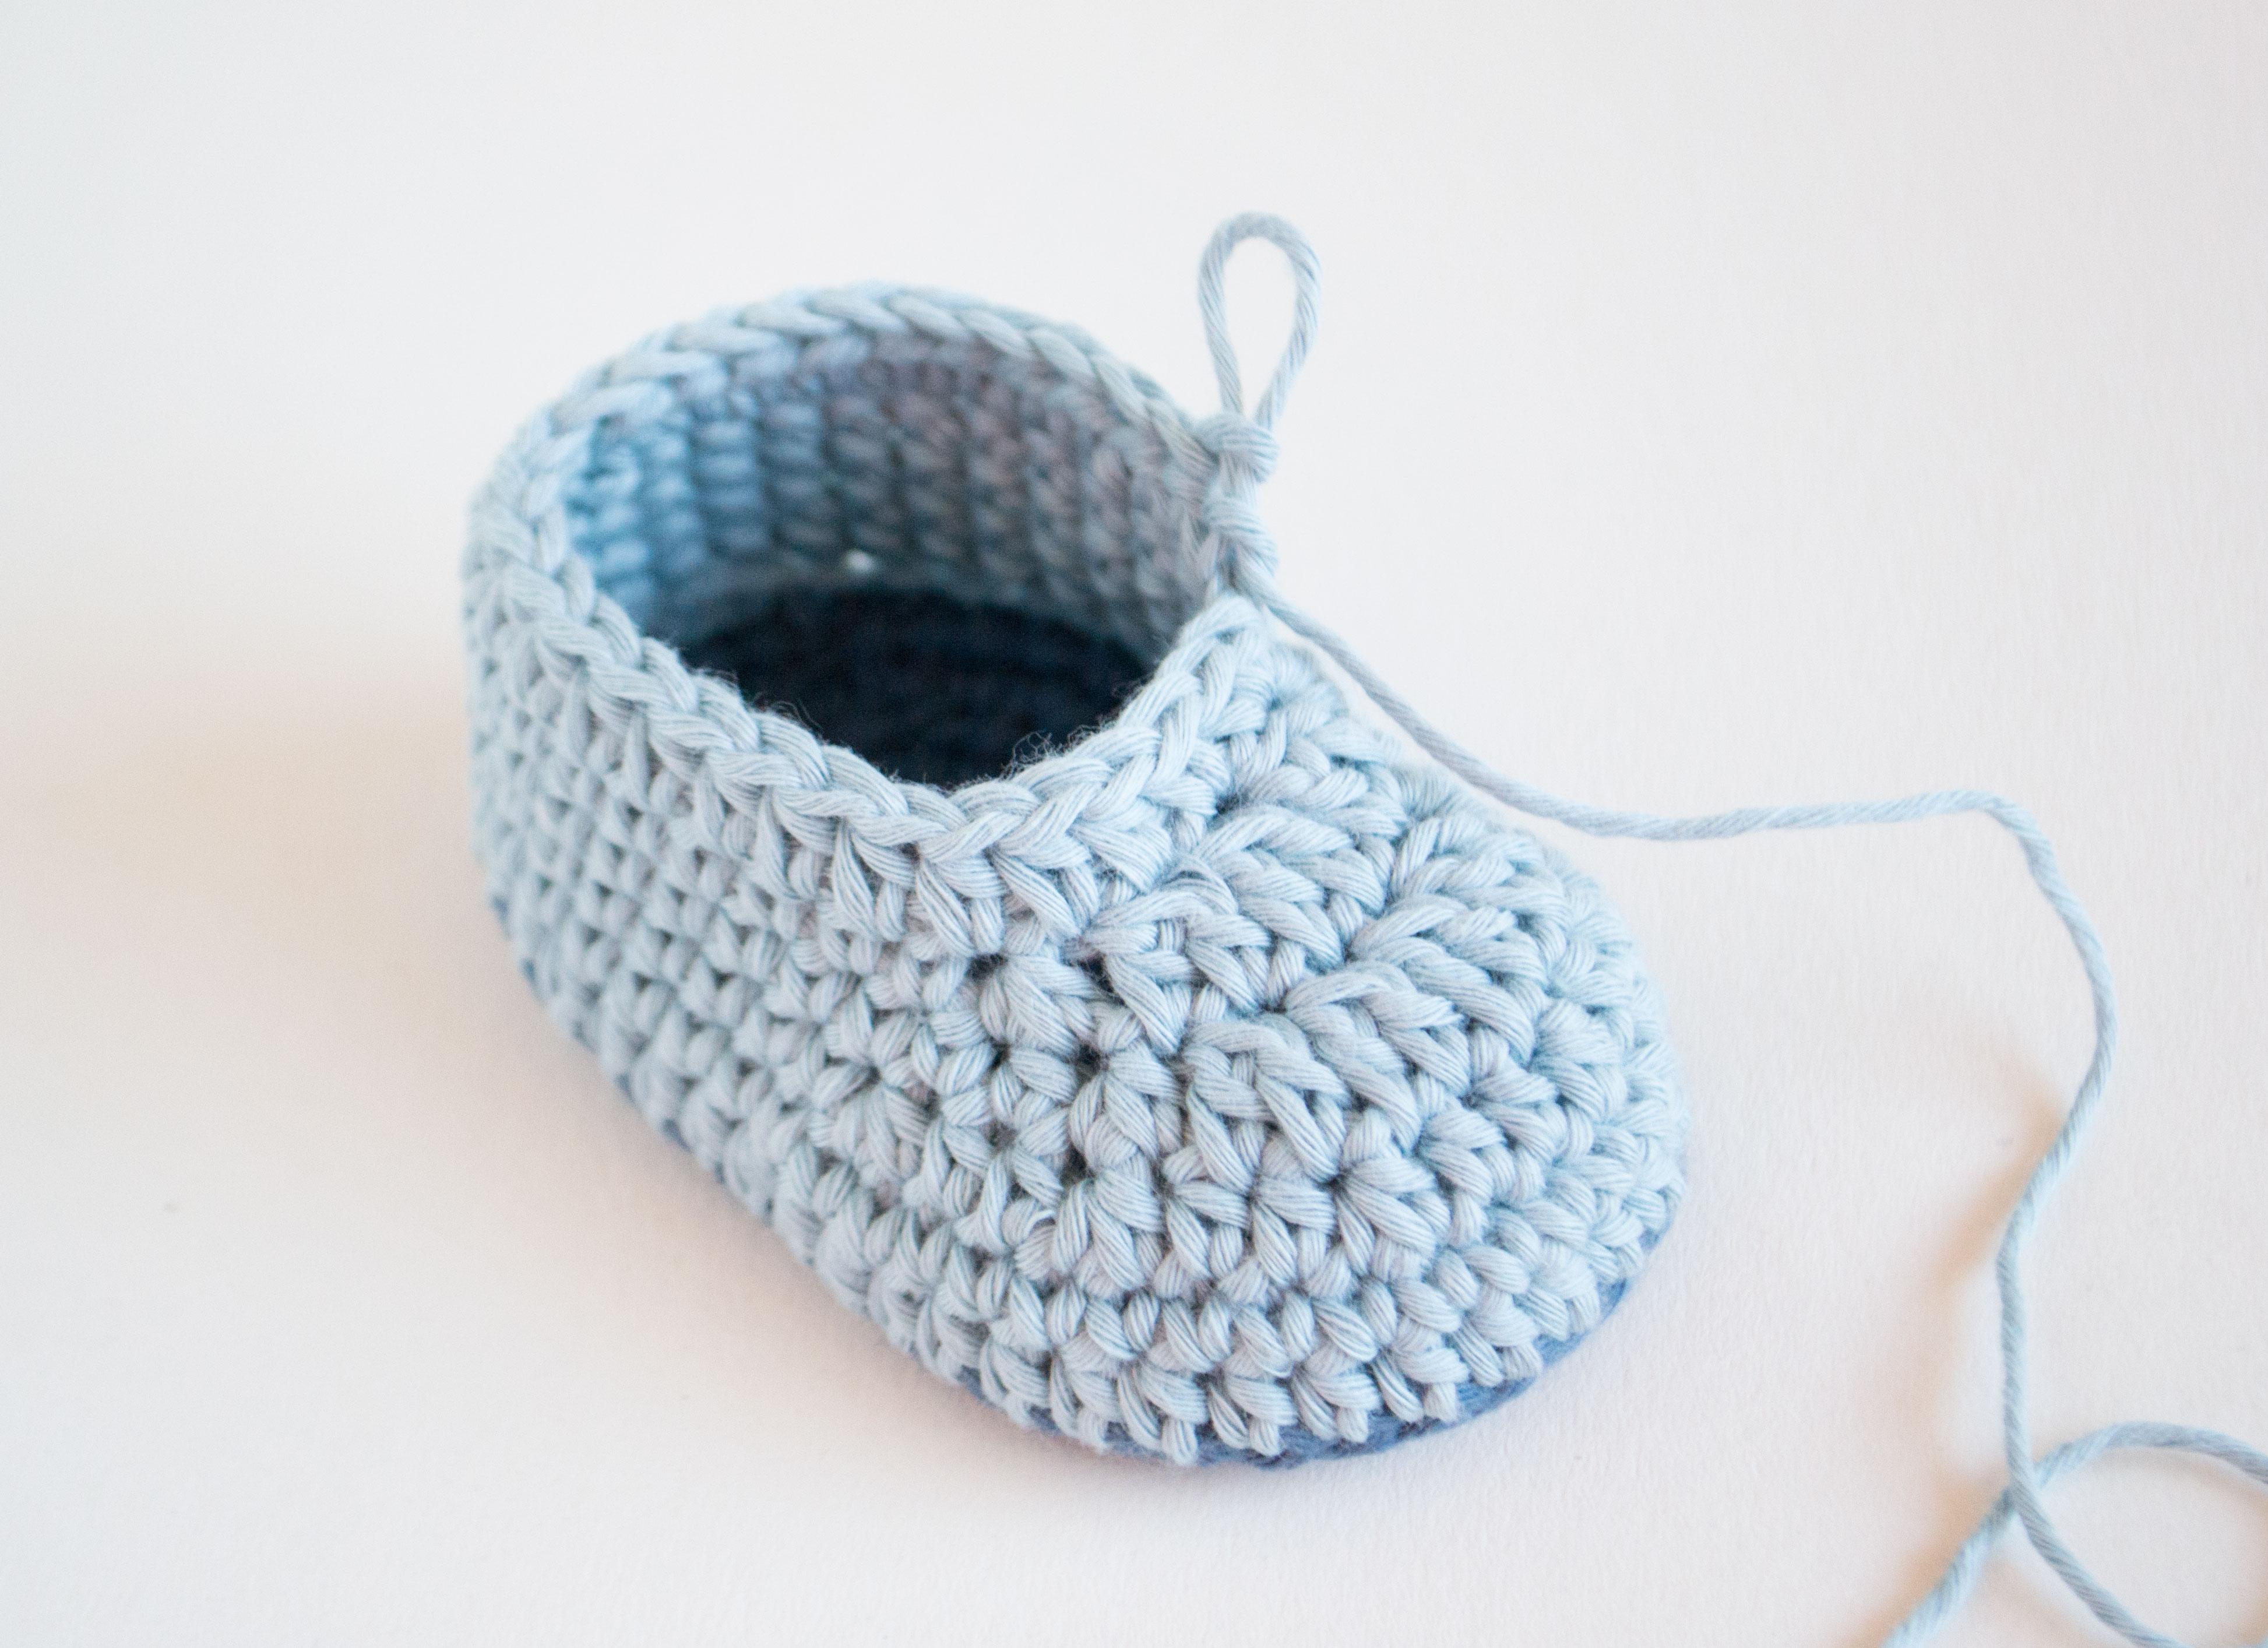 crochet tie photo - 1